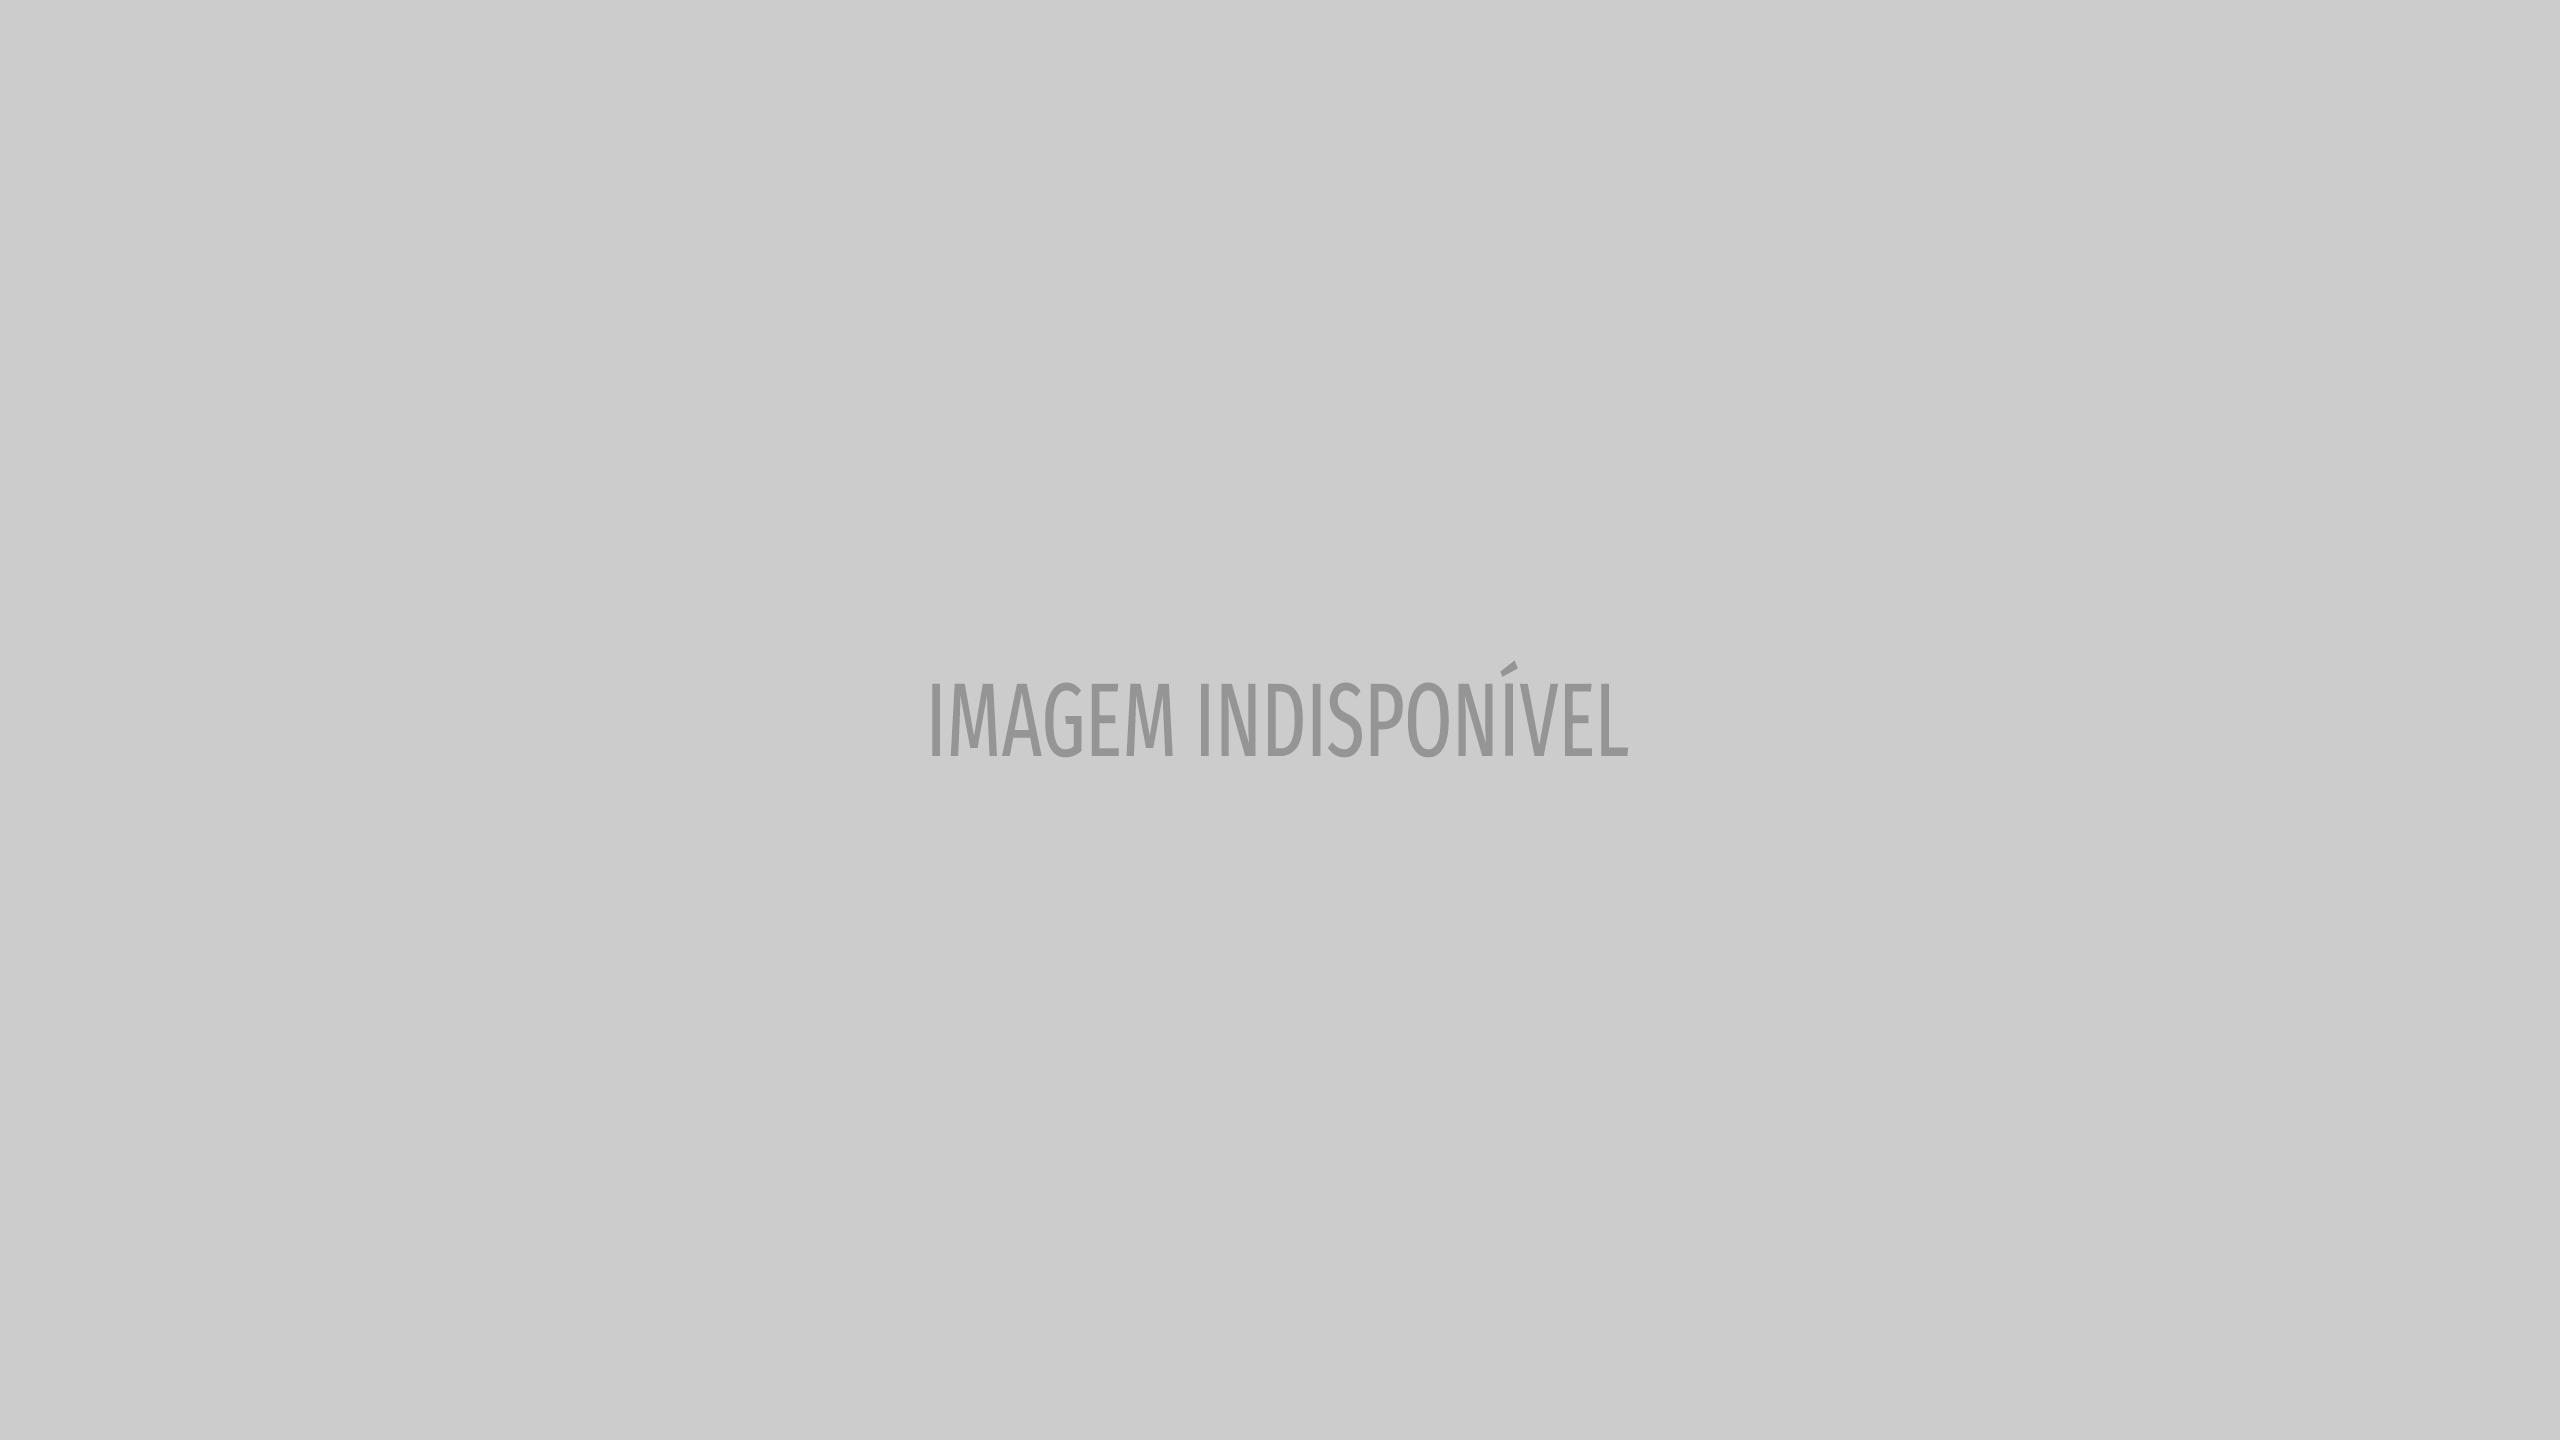 Laura Figueiredo grávida? Fãs levantam suspeitas